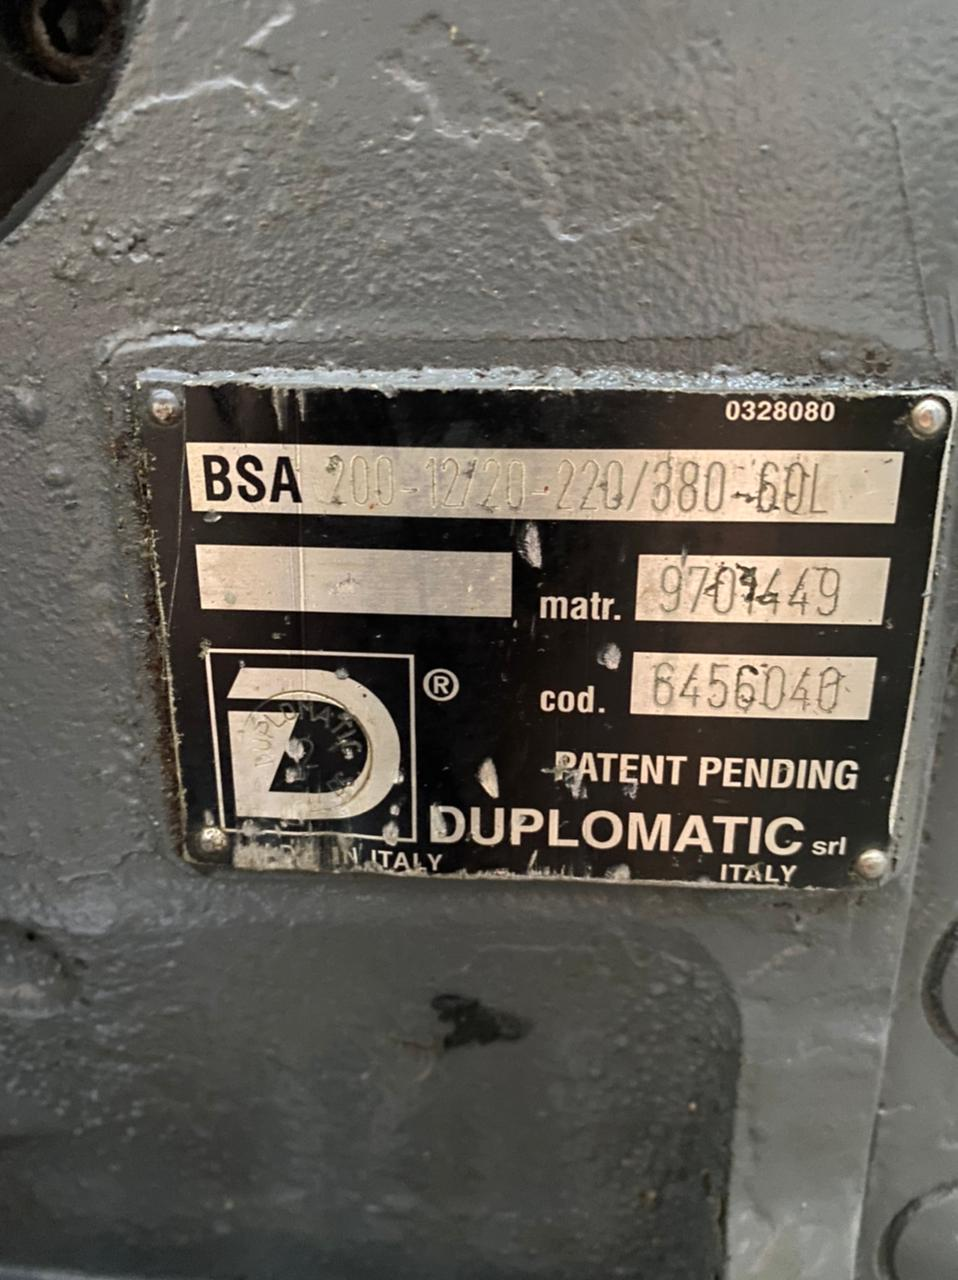 21665145-8F3D-425A-891E-186550969A8B.jpeg